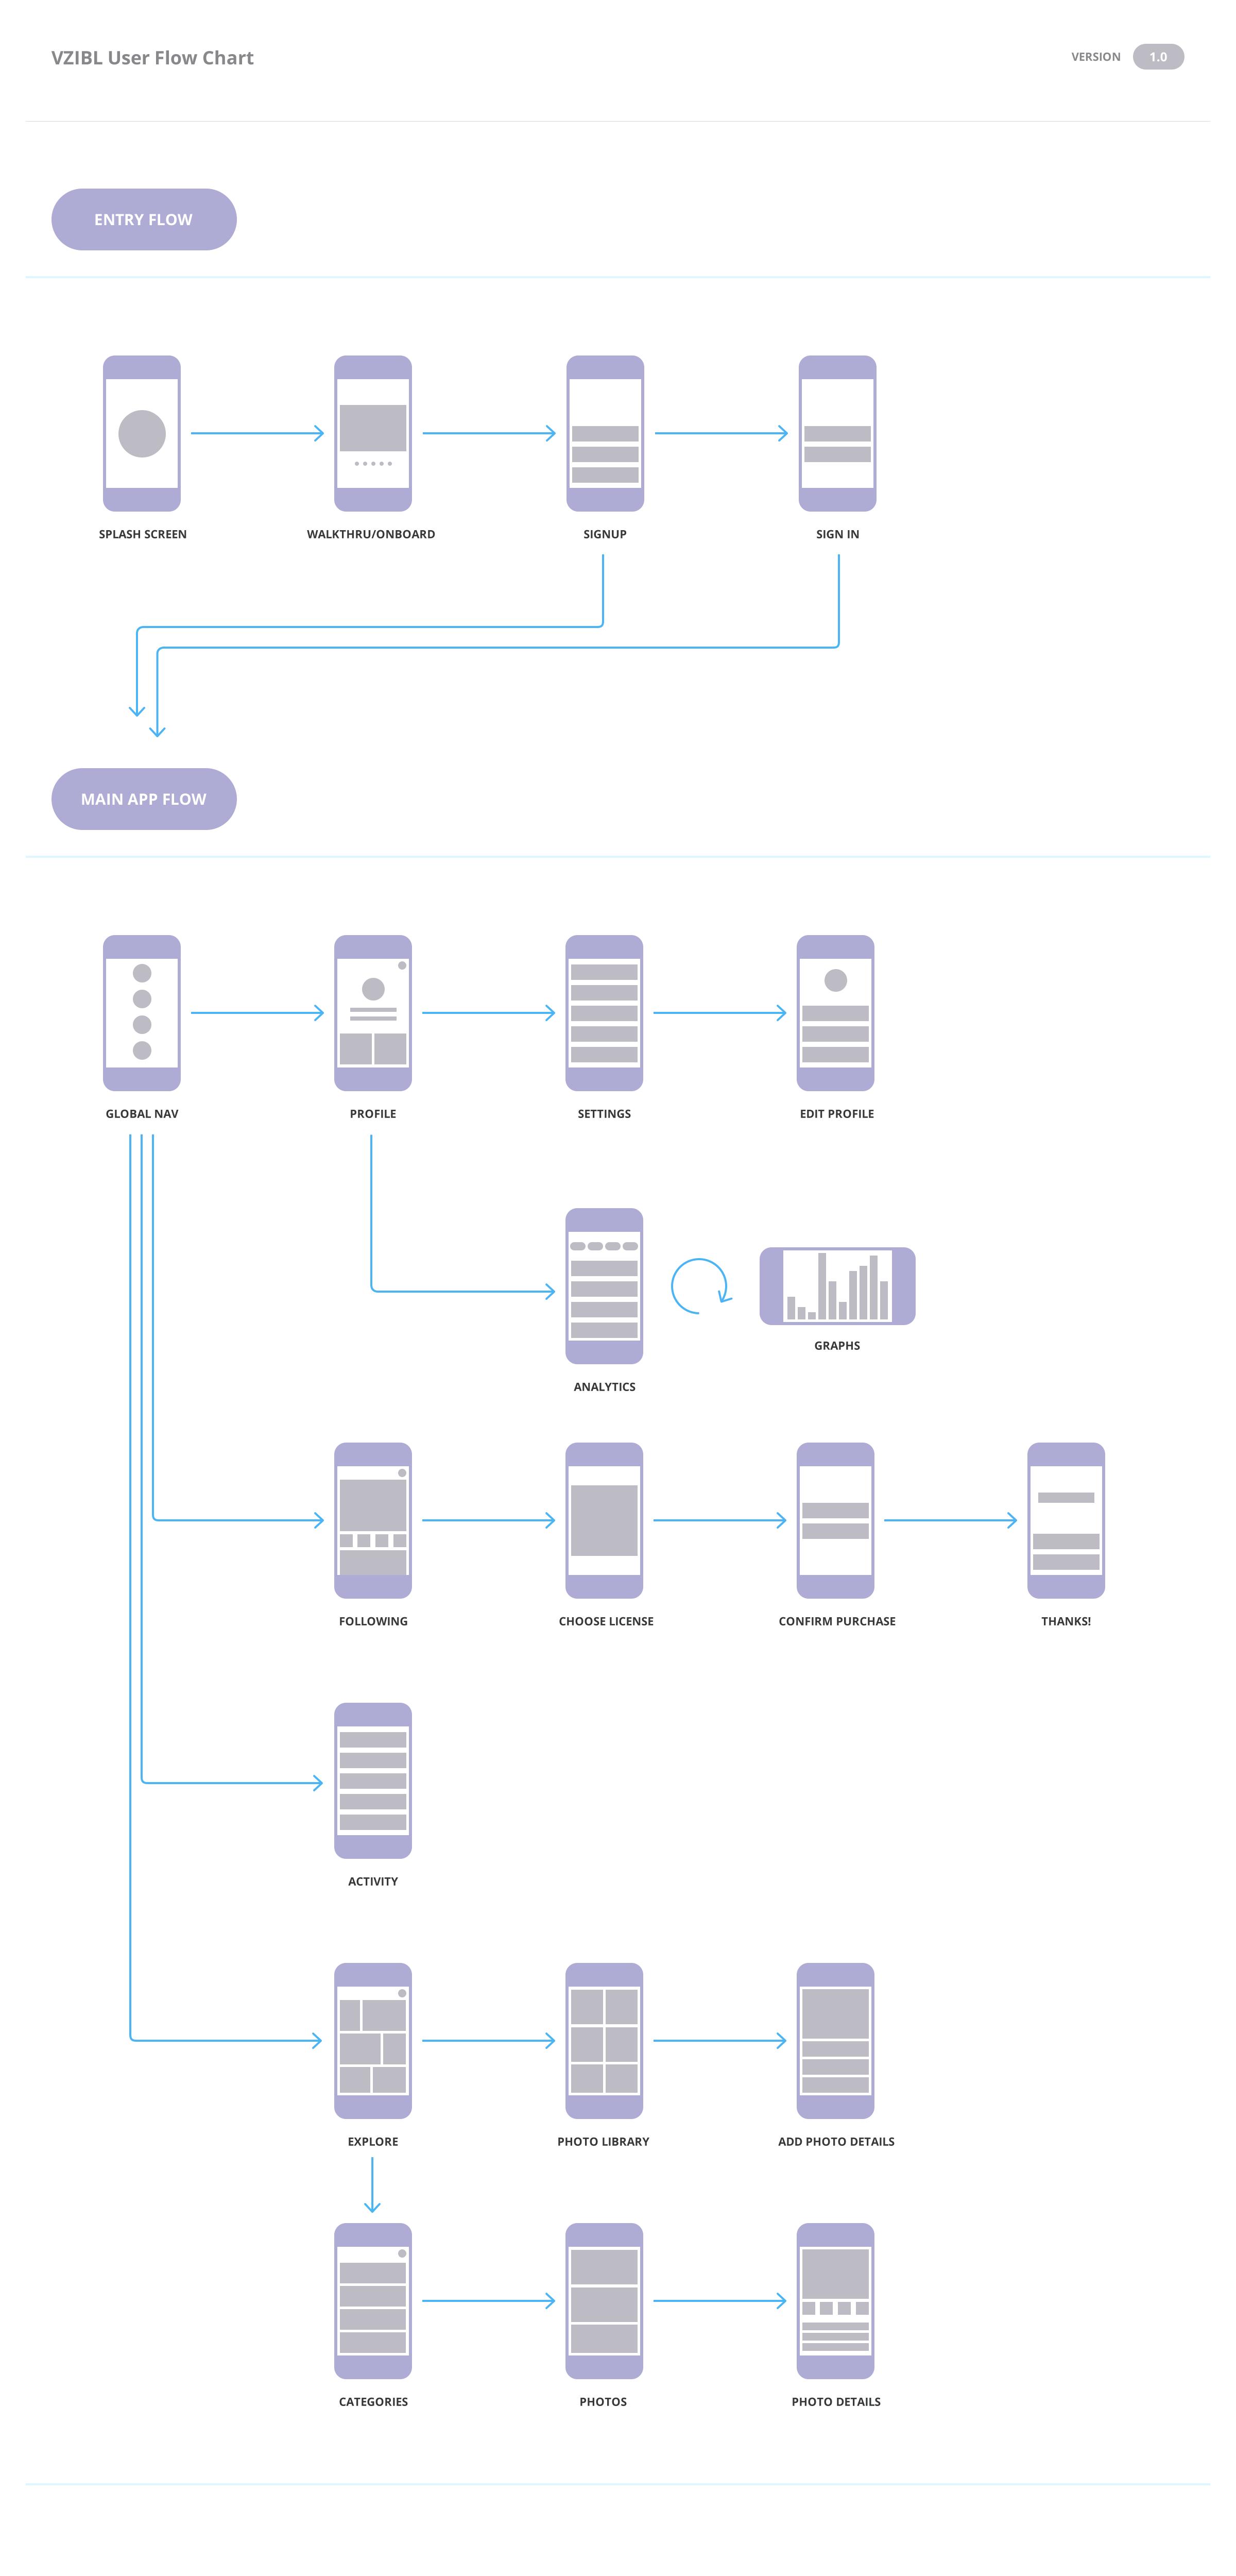 VIZBL-User-Flow.png